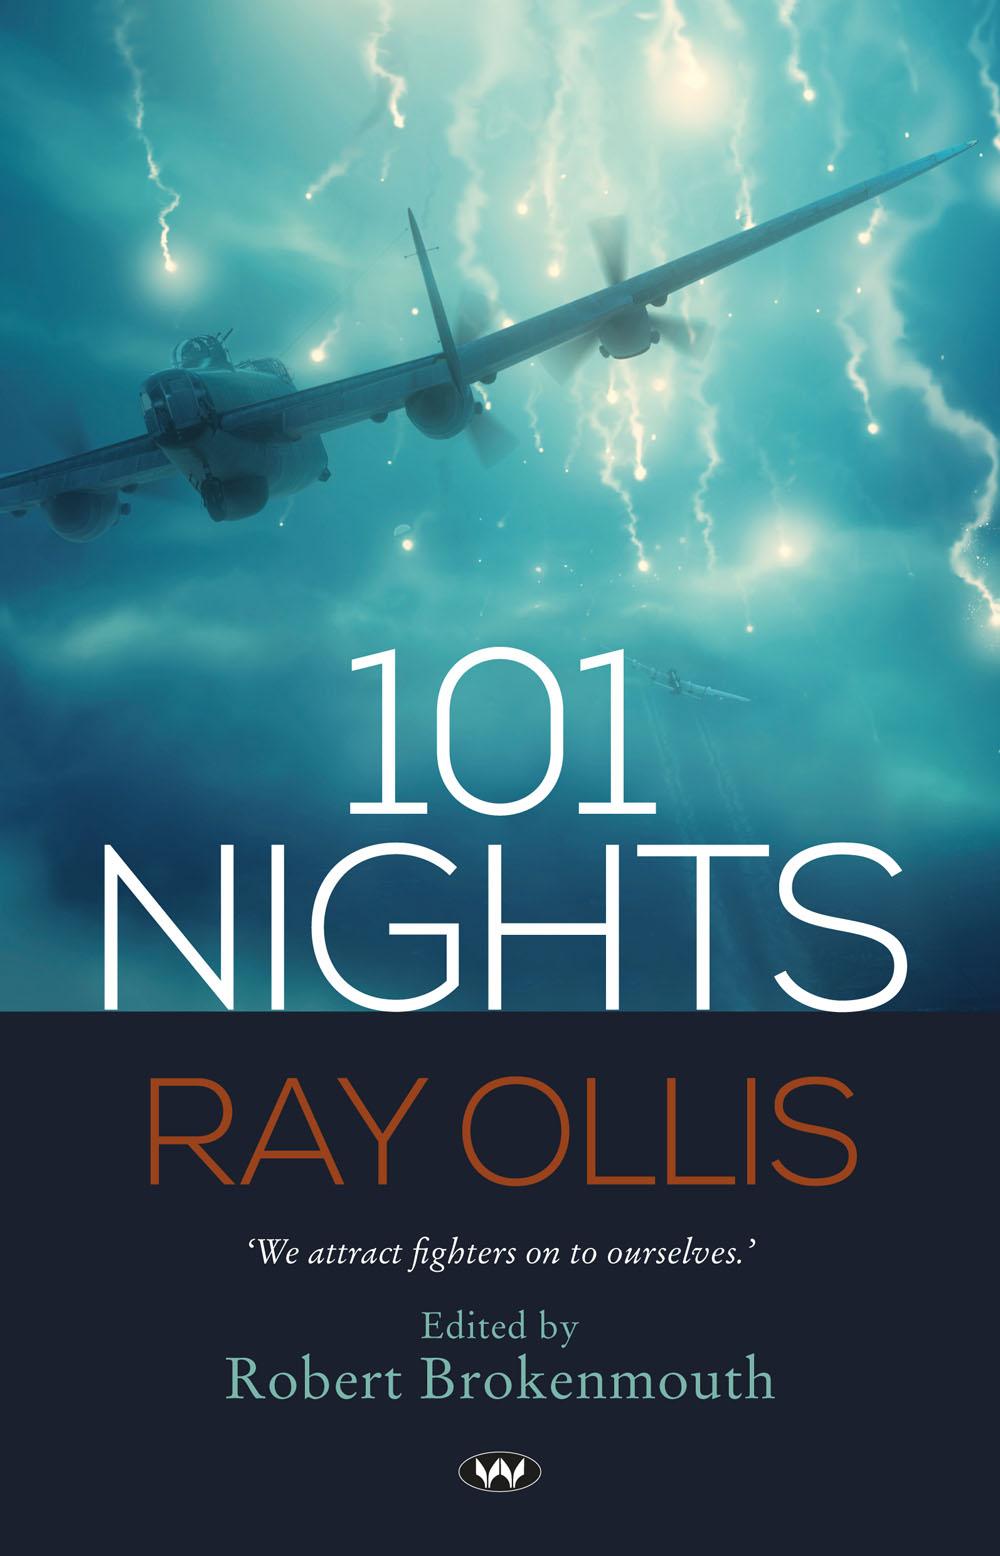 101 Nights